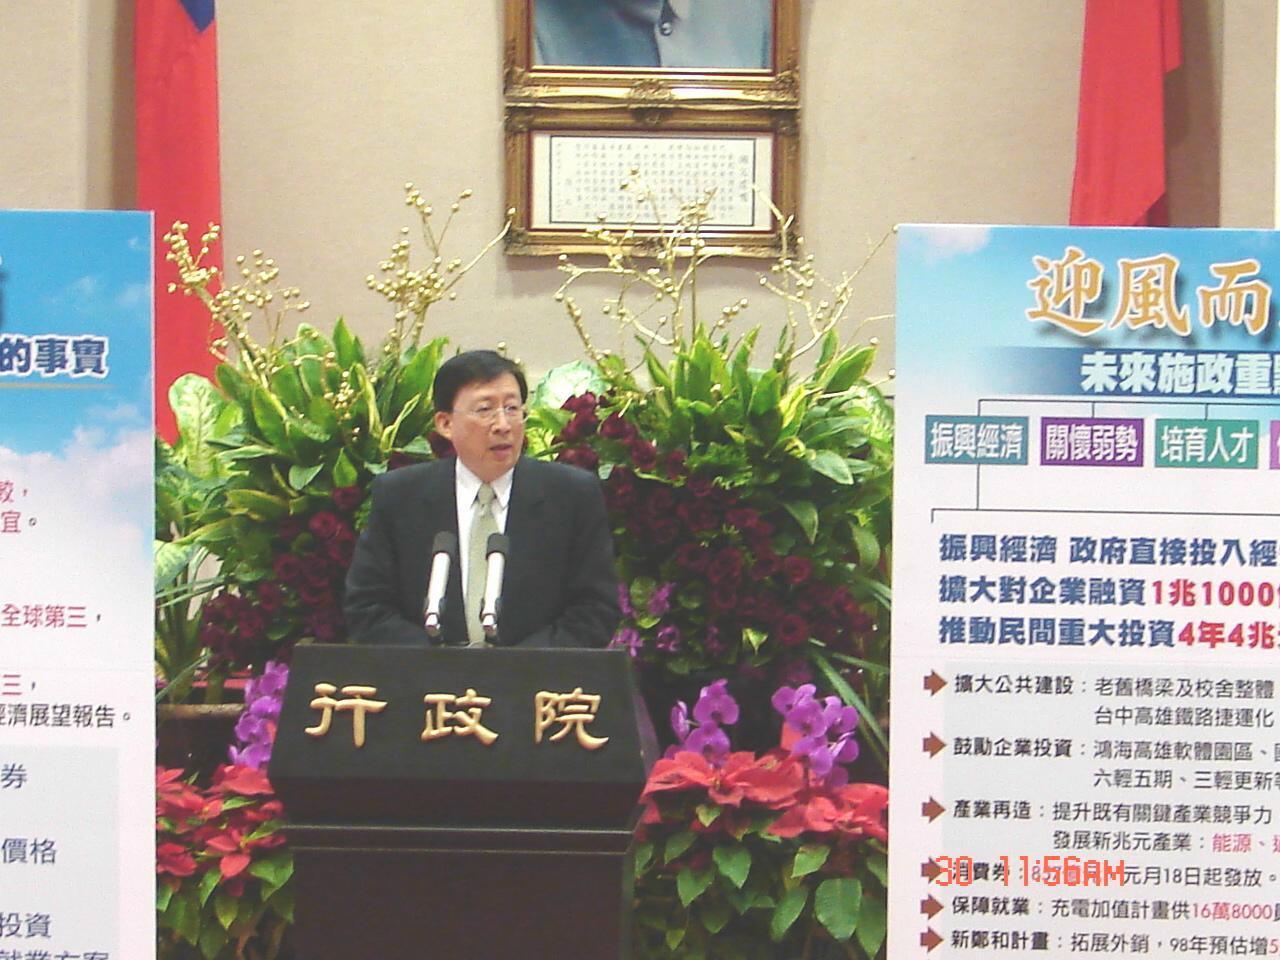 劉揆:2009新希望 振興經濟落實政策